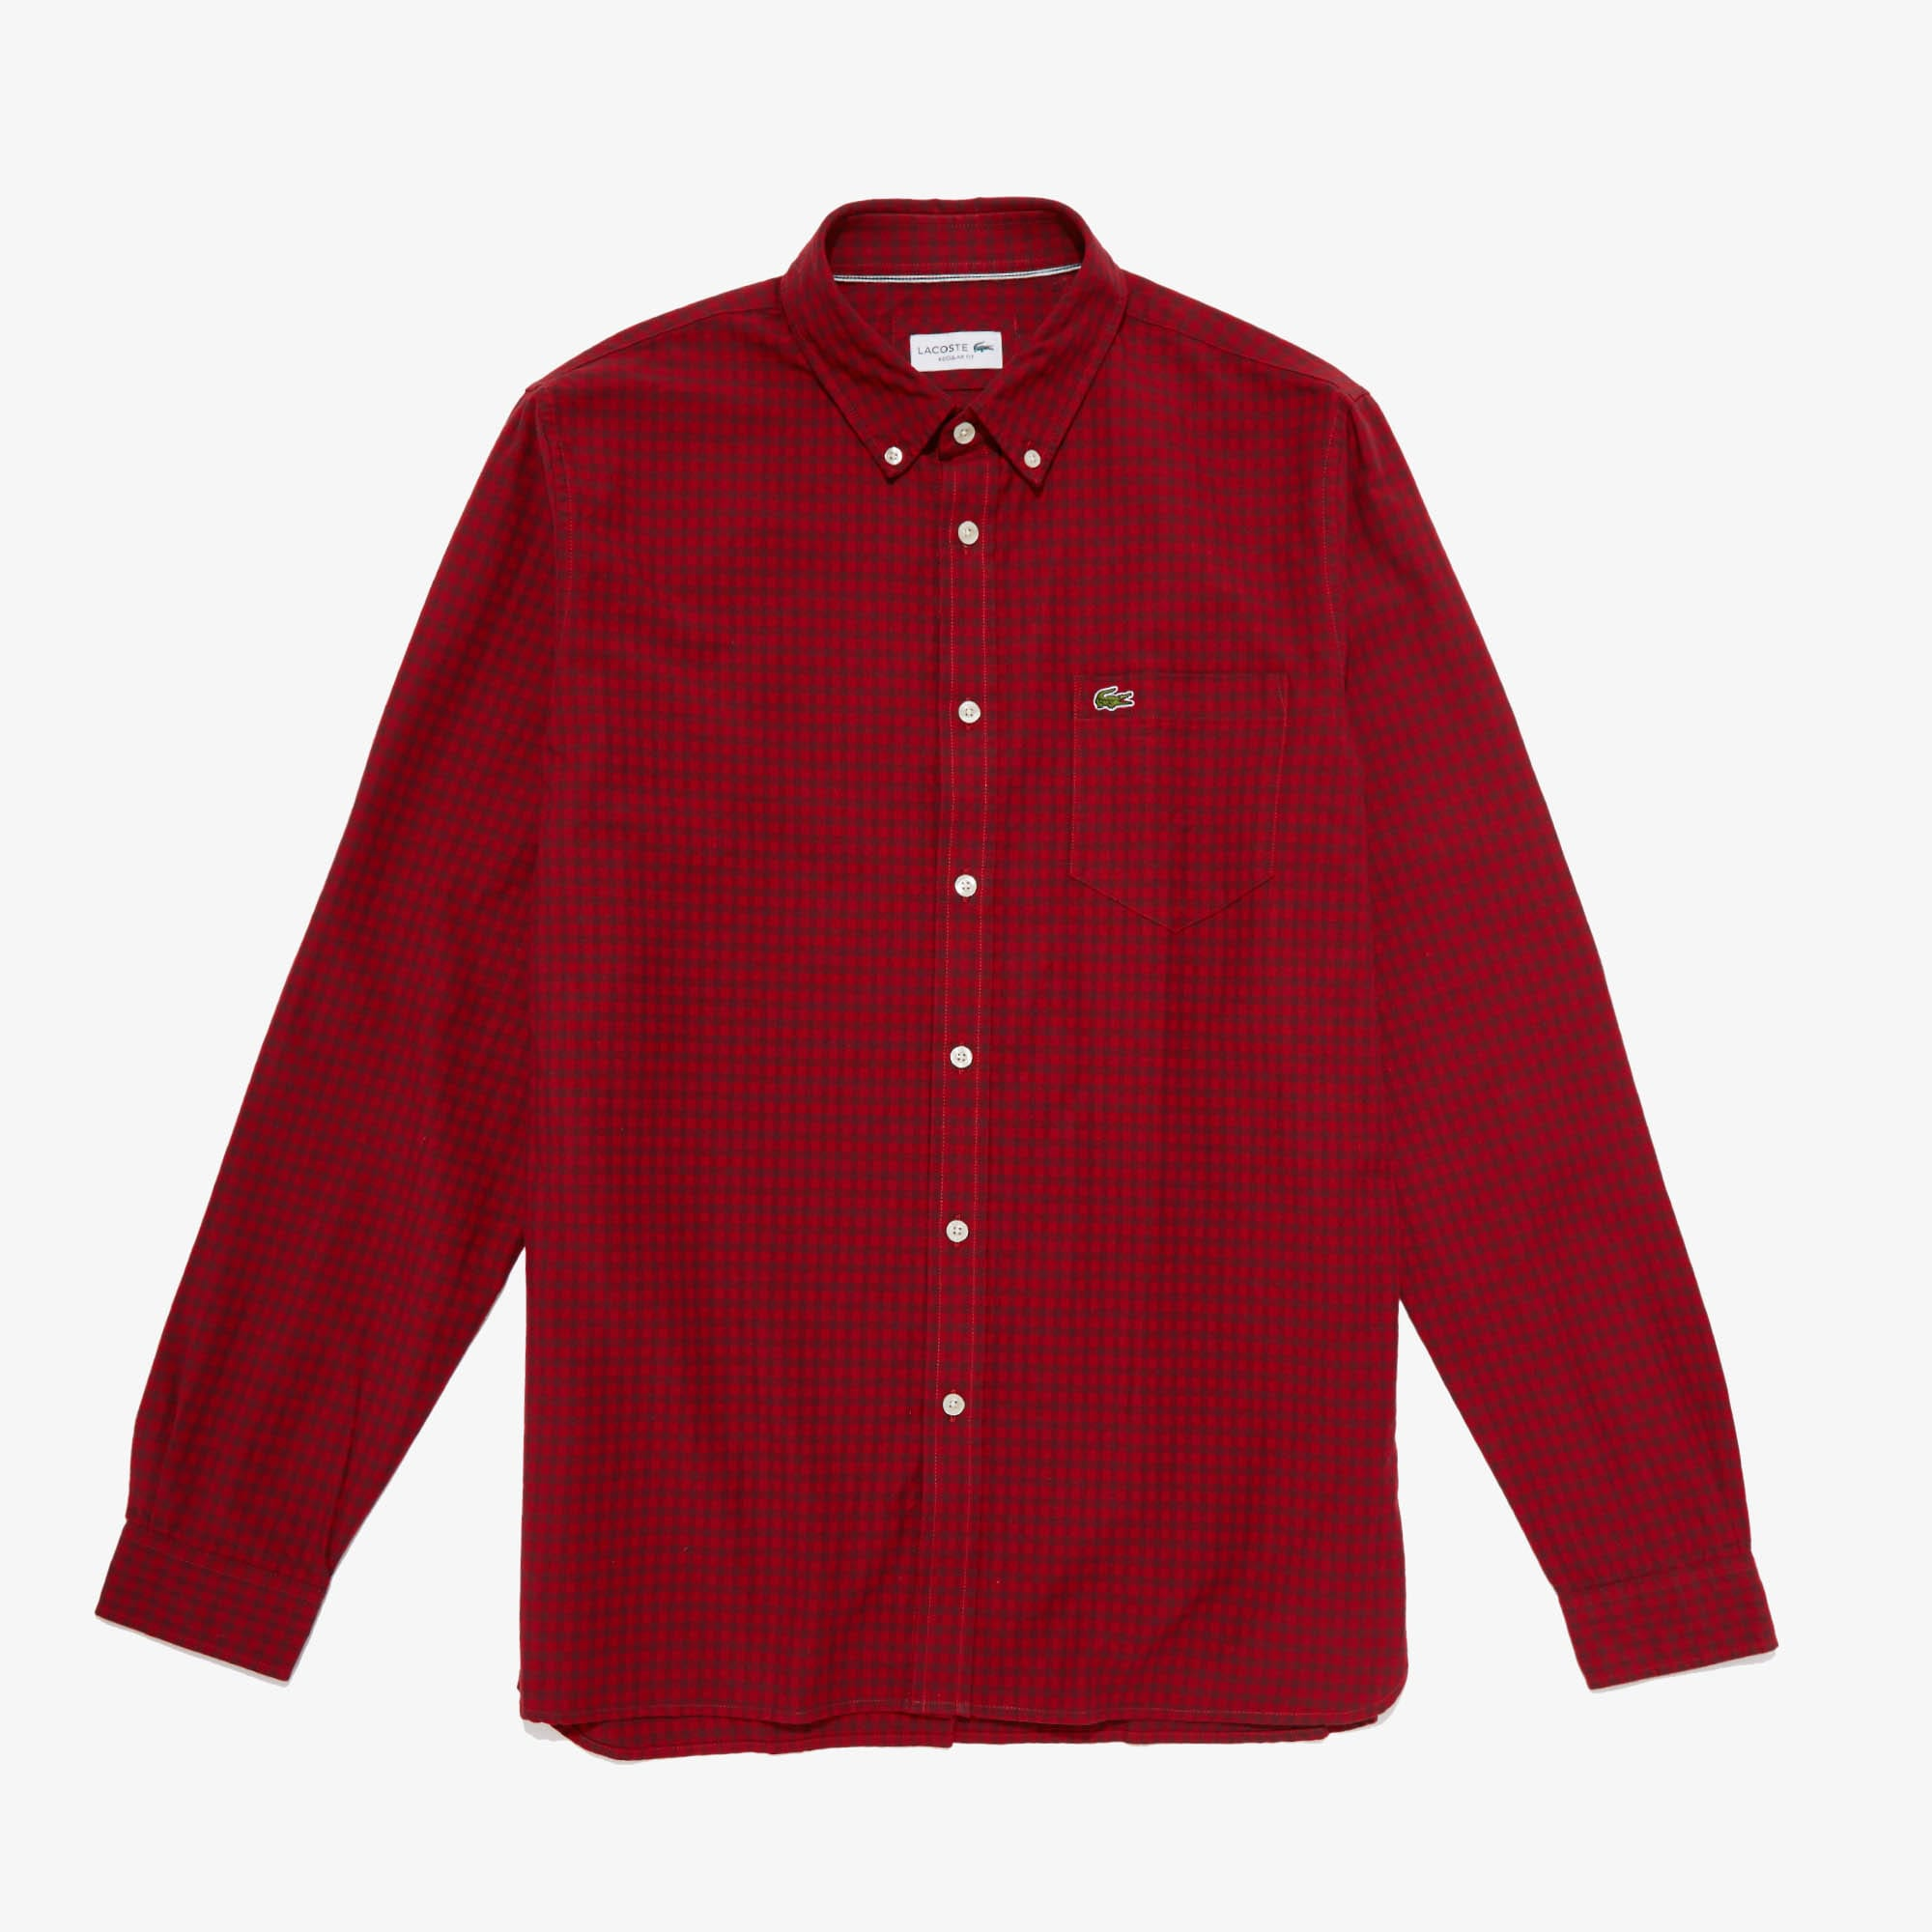 Lacoste Cottons Men's Regular Fit Cotton Shirt